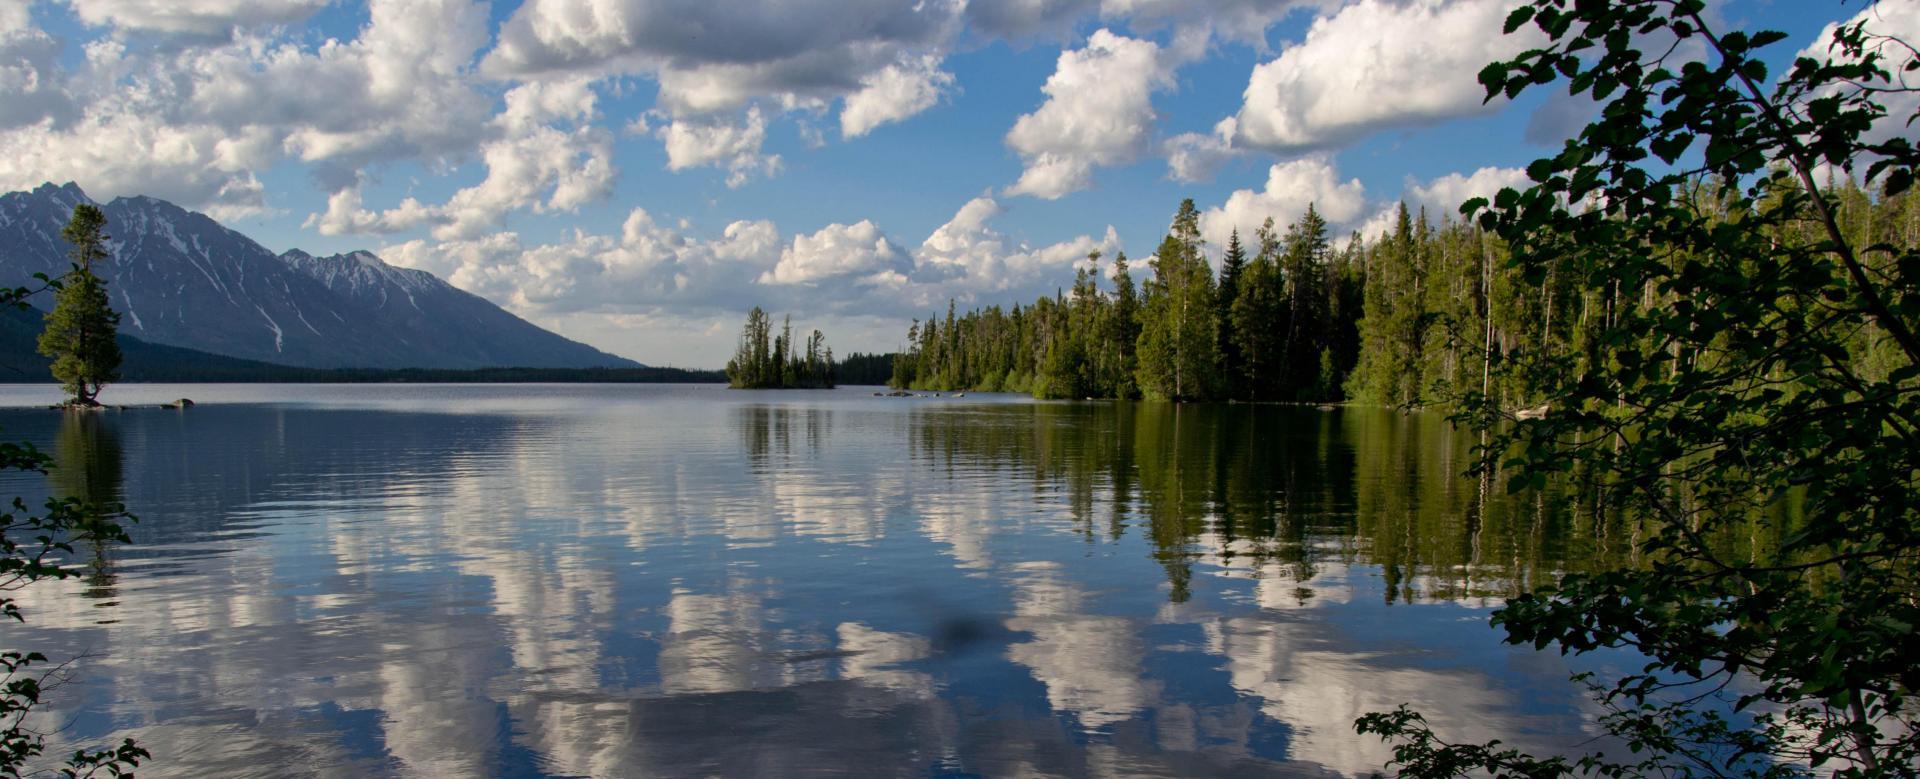 Voyage à pied : La magie du grand ouest canadien